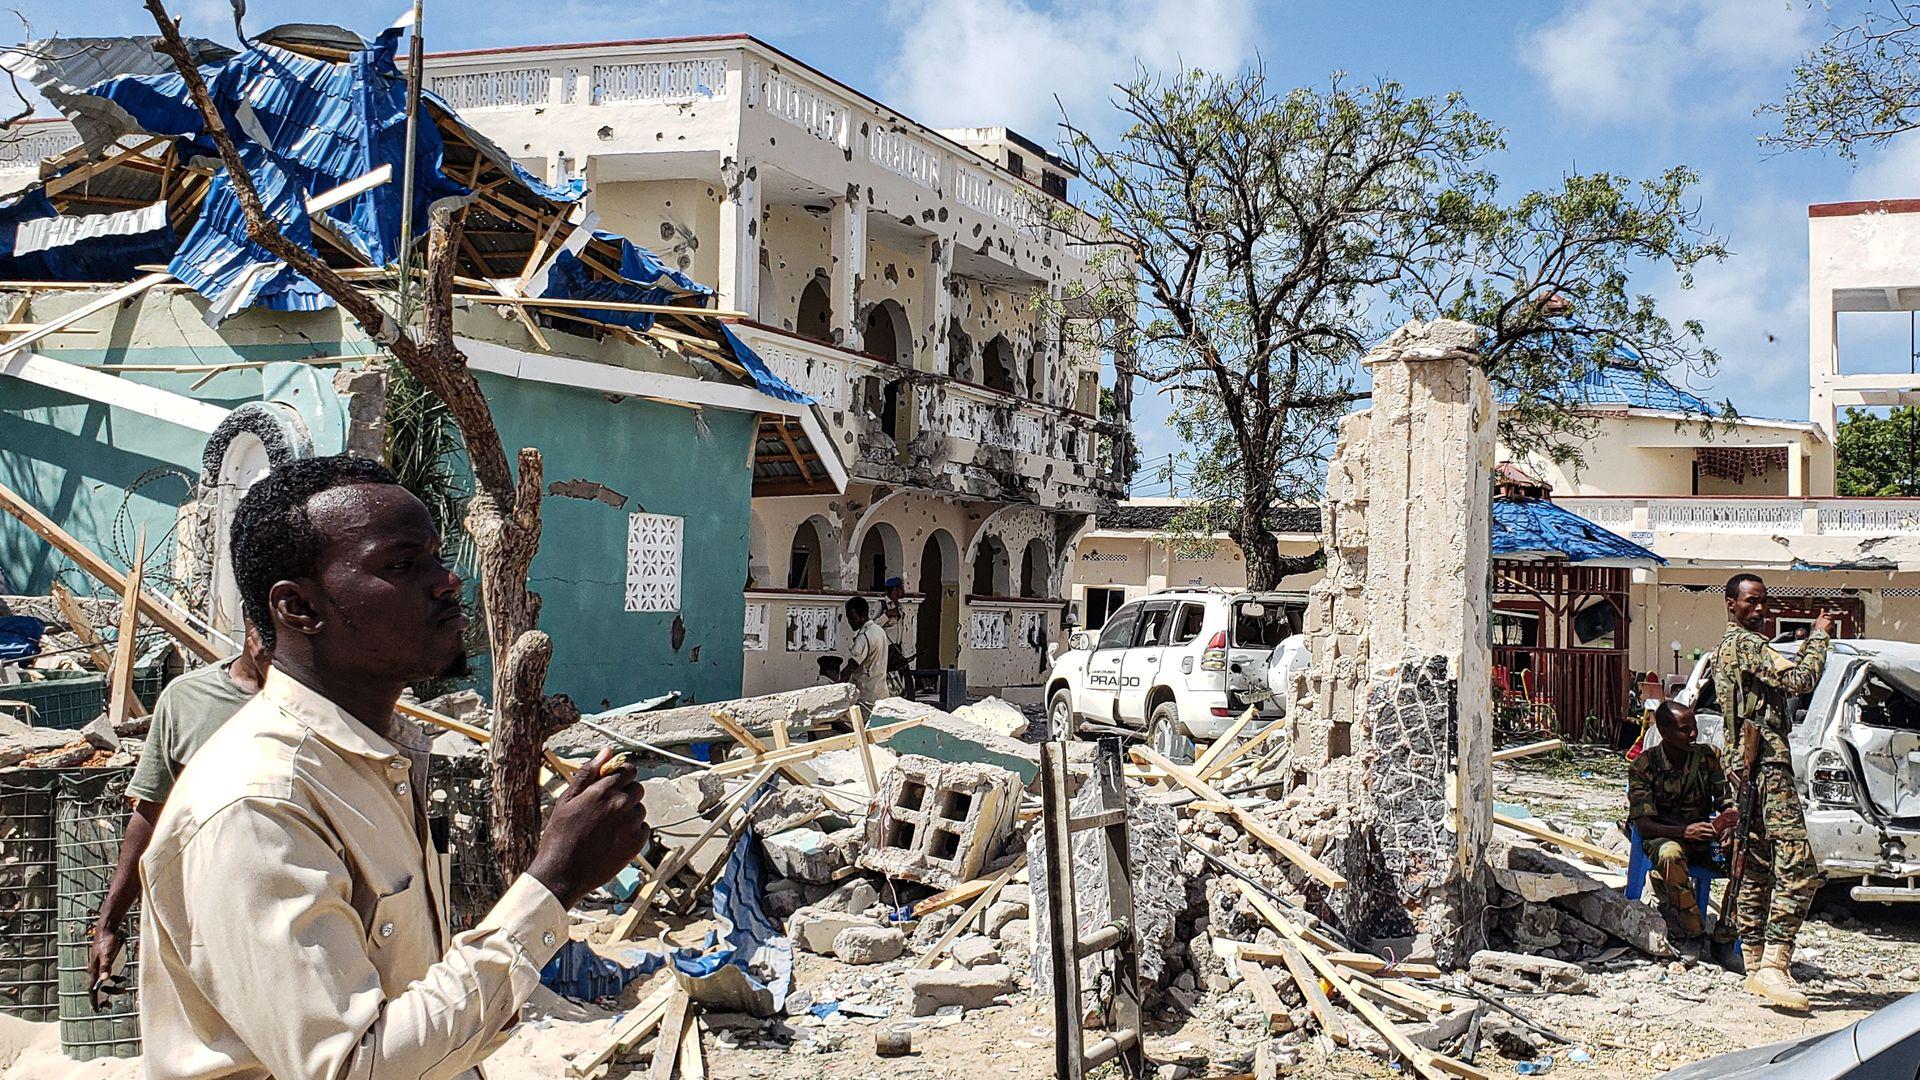 Hotel in Kismayo, Somalia following a terror attack by Al-Shabab